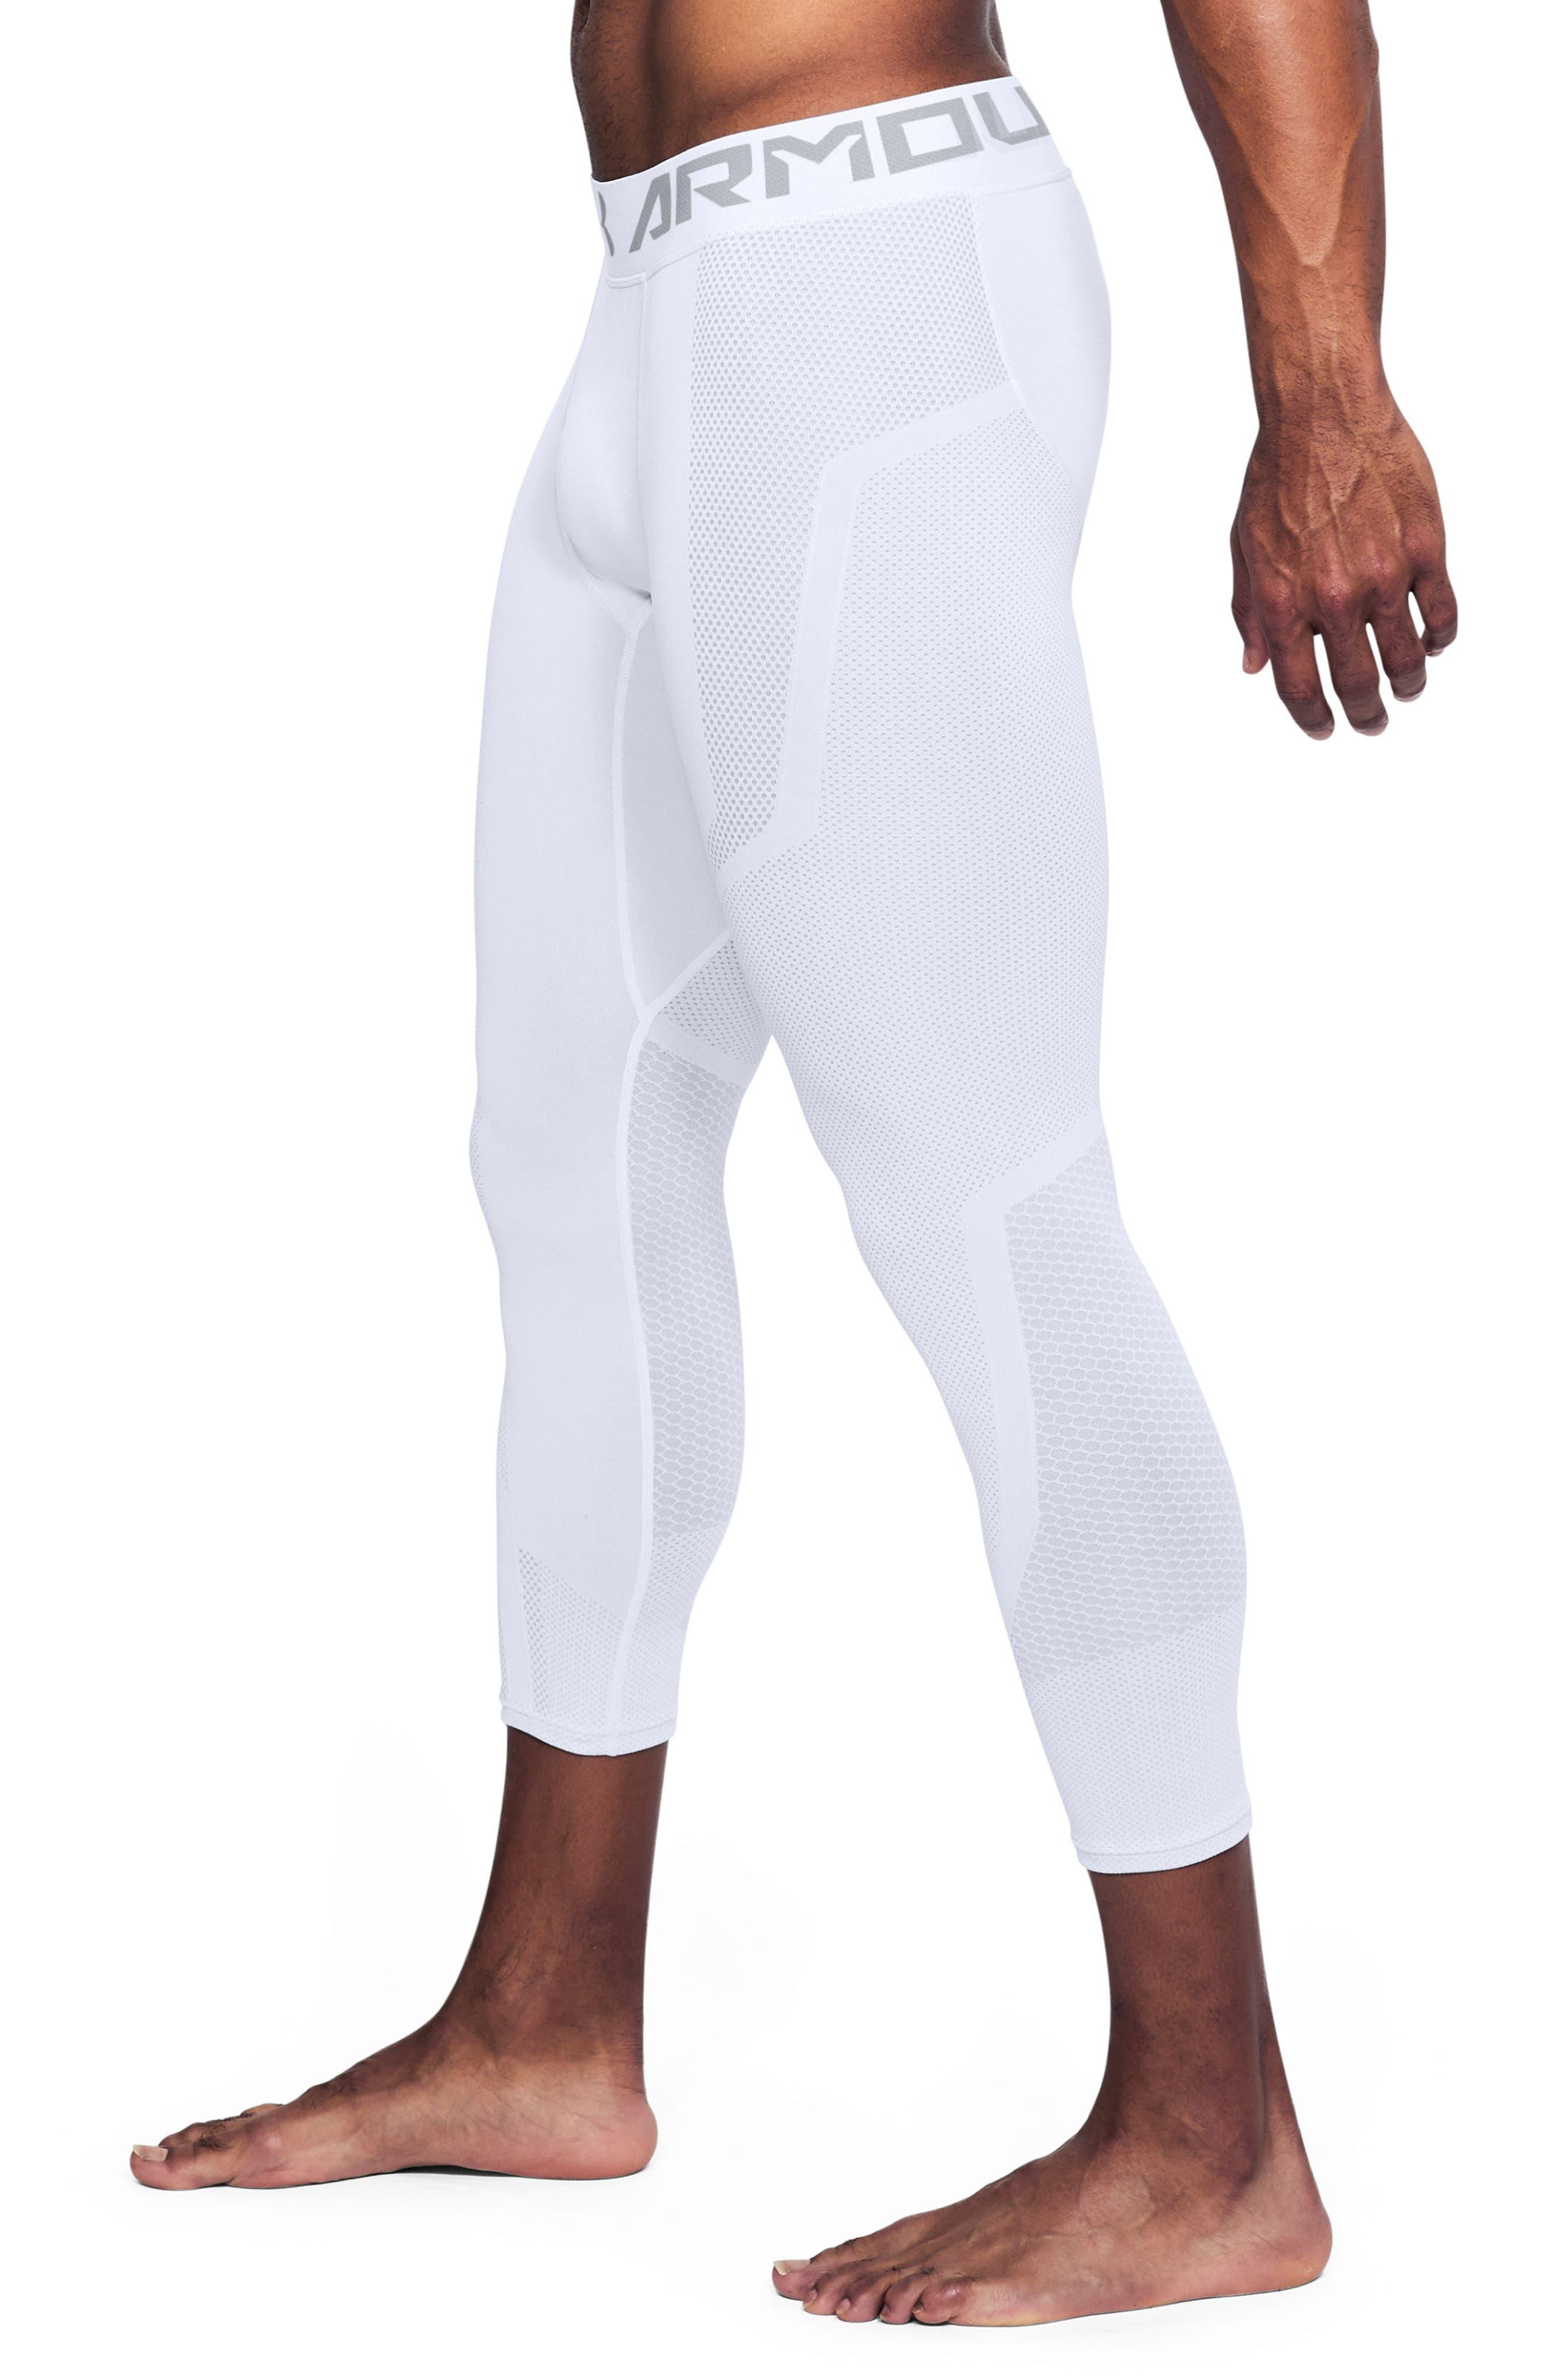 Threadborne Seamless Pants,                             Alternate thumbnail 3, color,                             White/ Overcast Gray